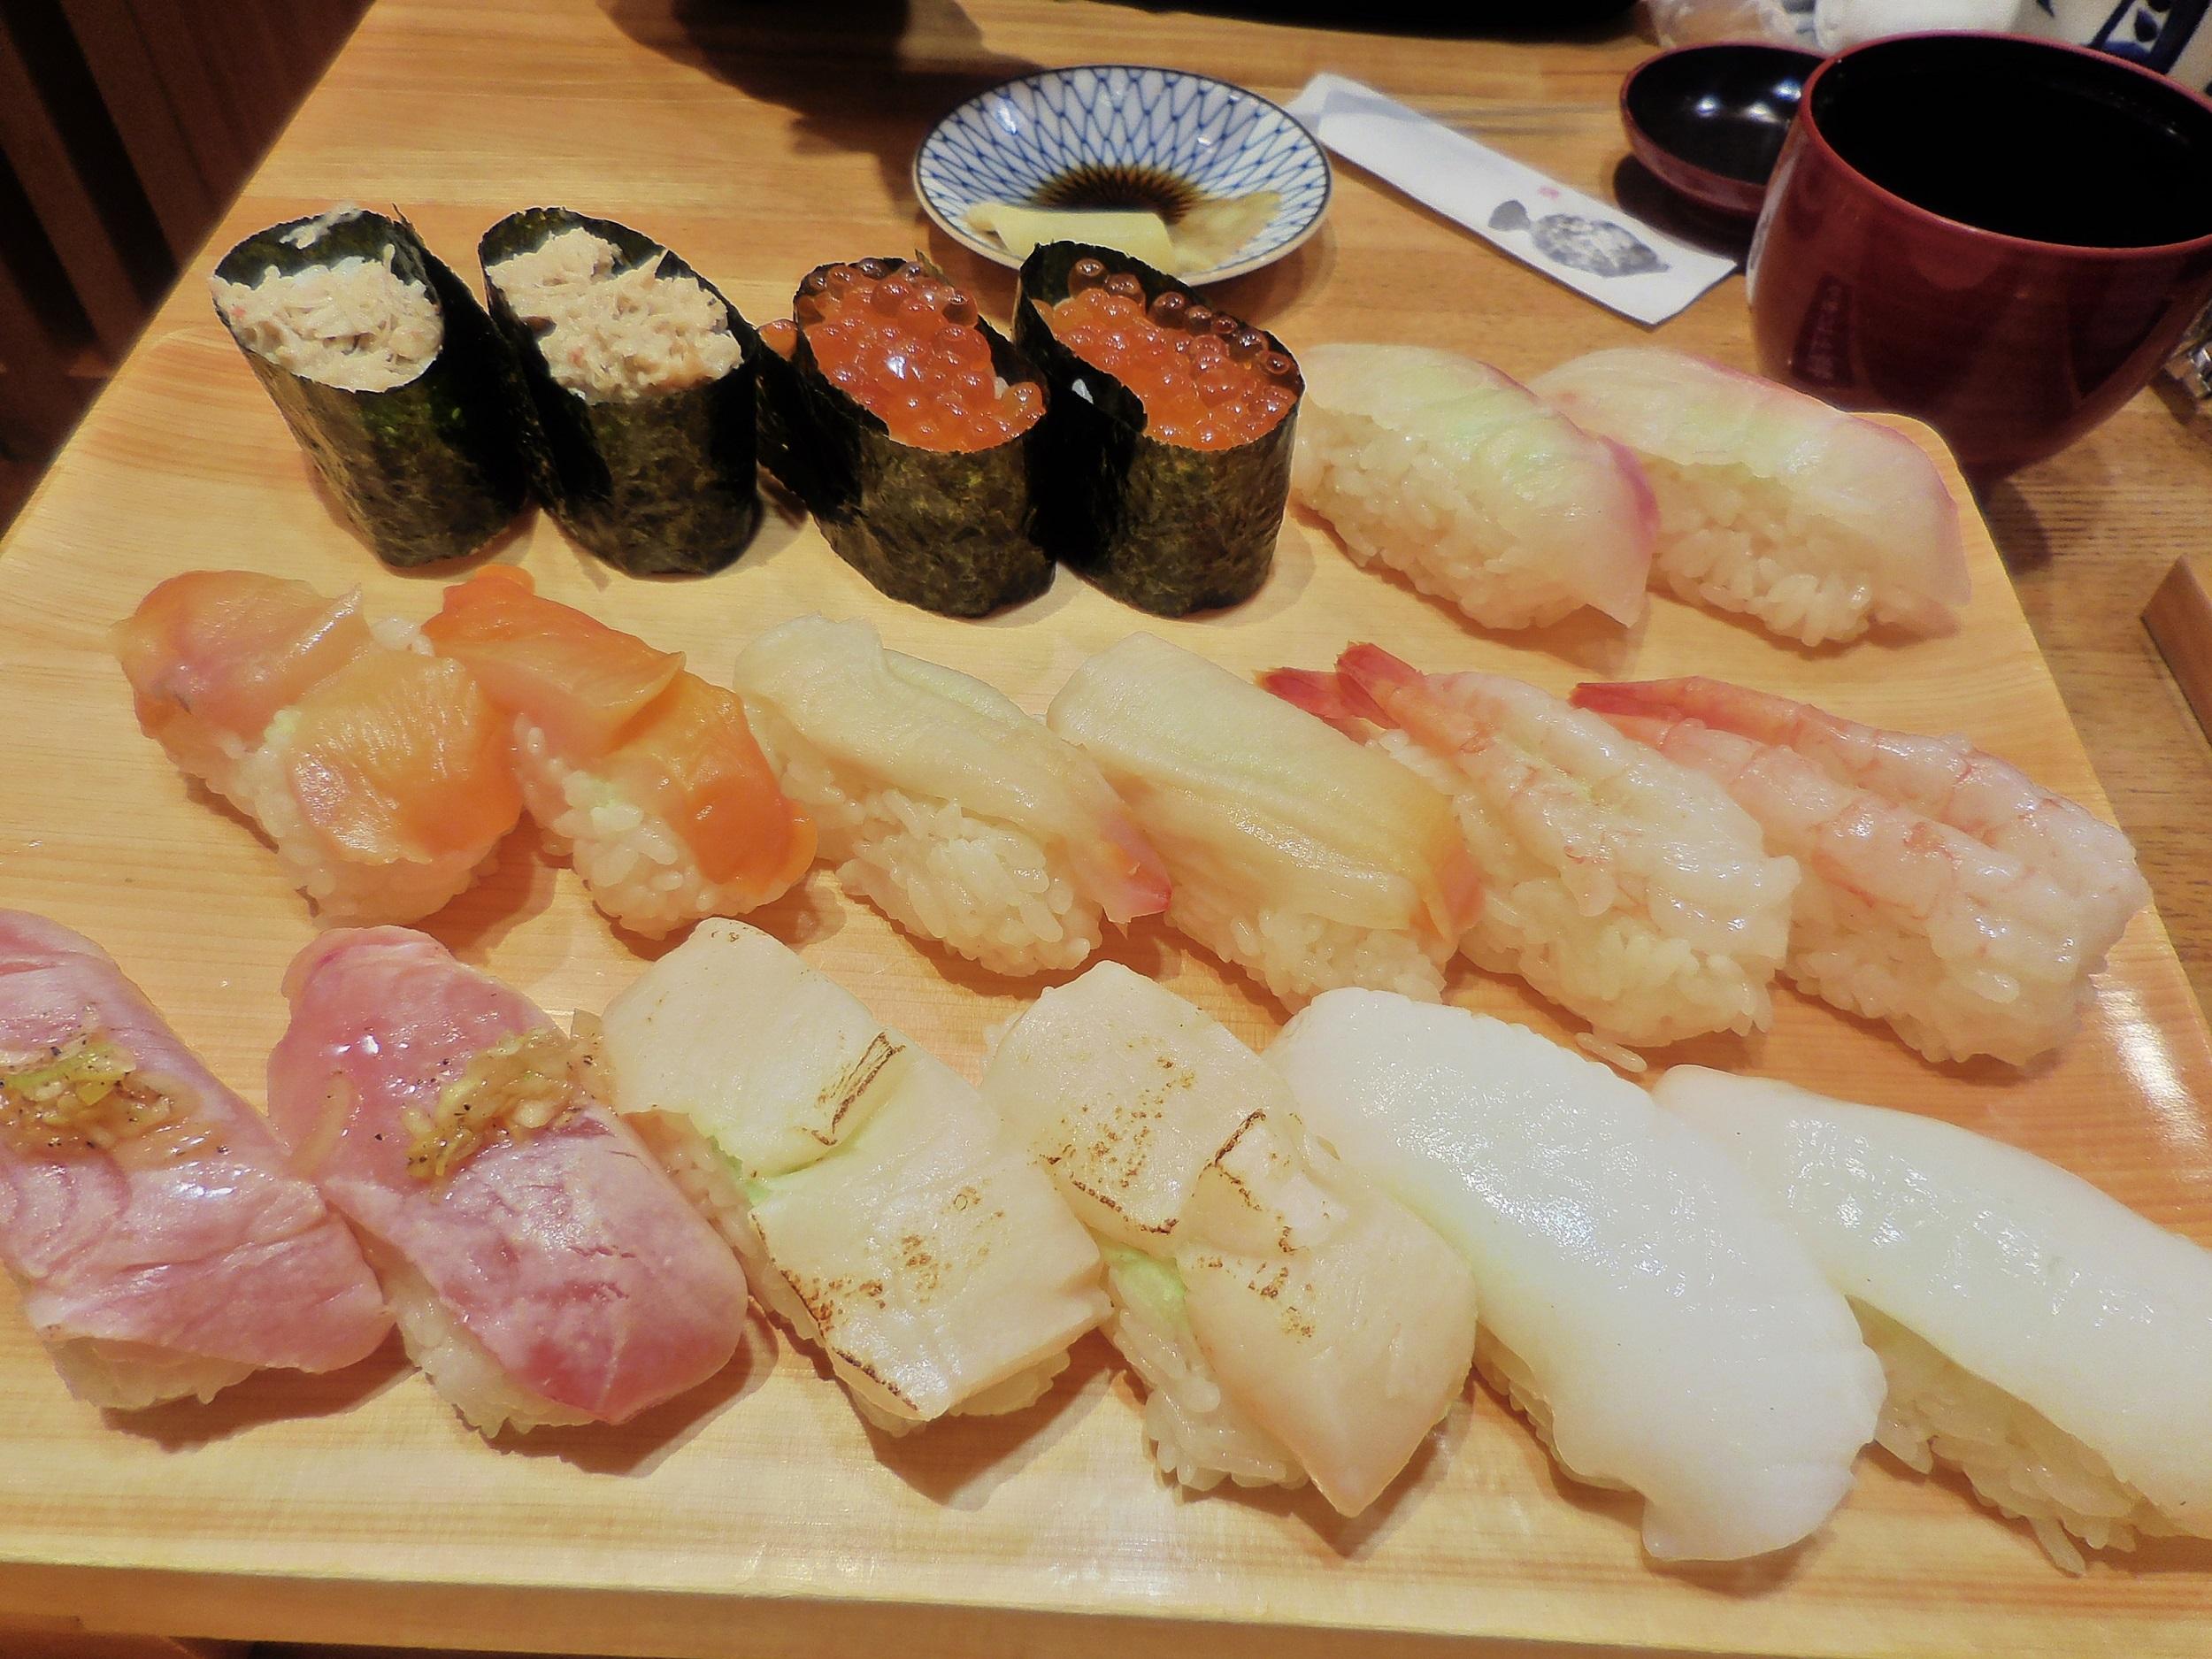 【築地玉寿司の食べ放題】時間無制限で高級寿司を楽しむ_1